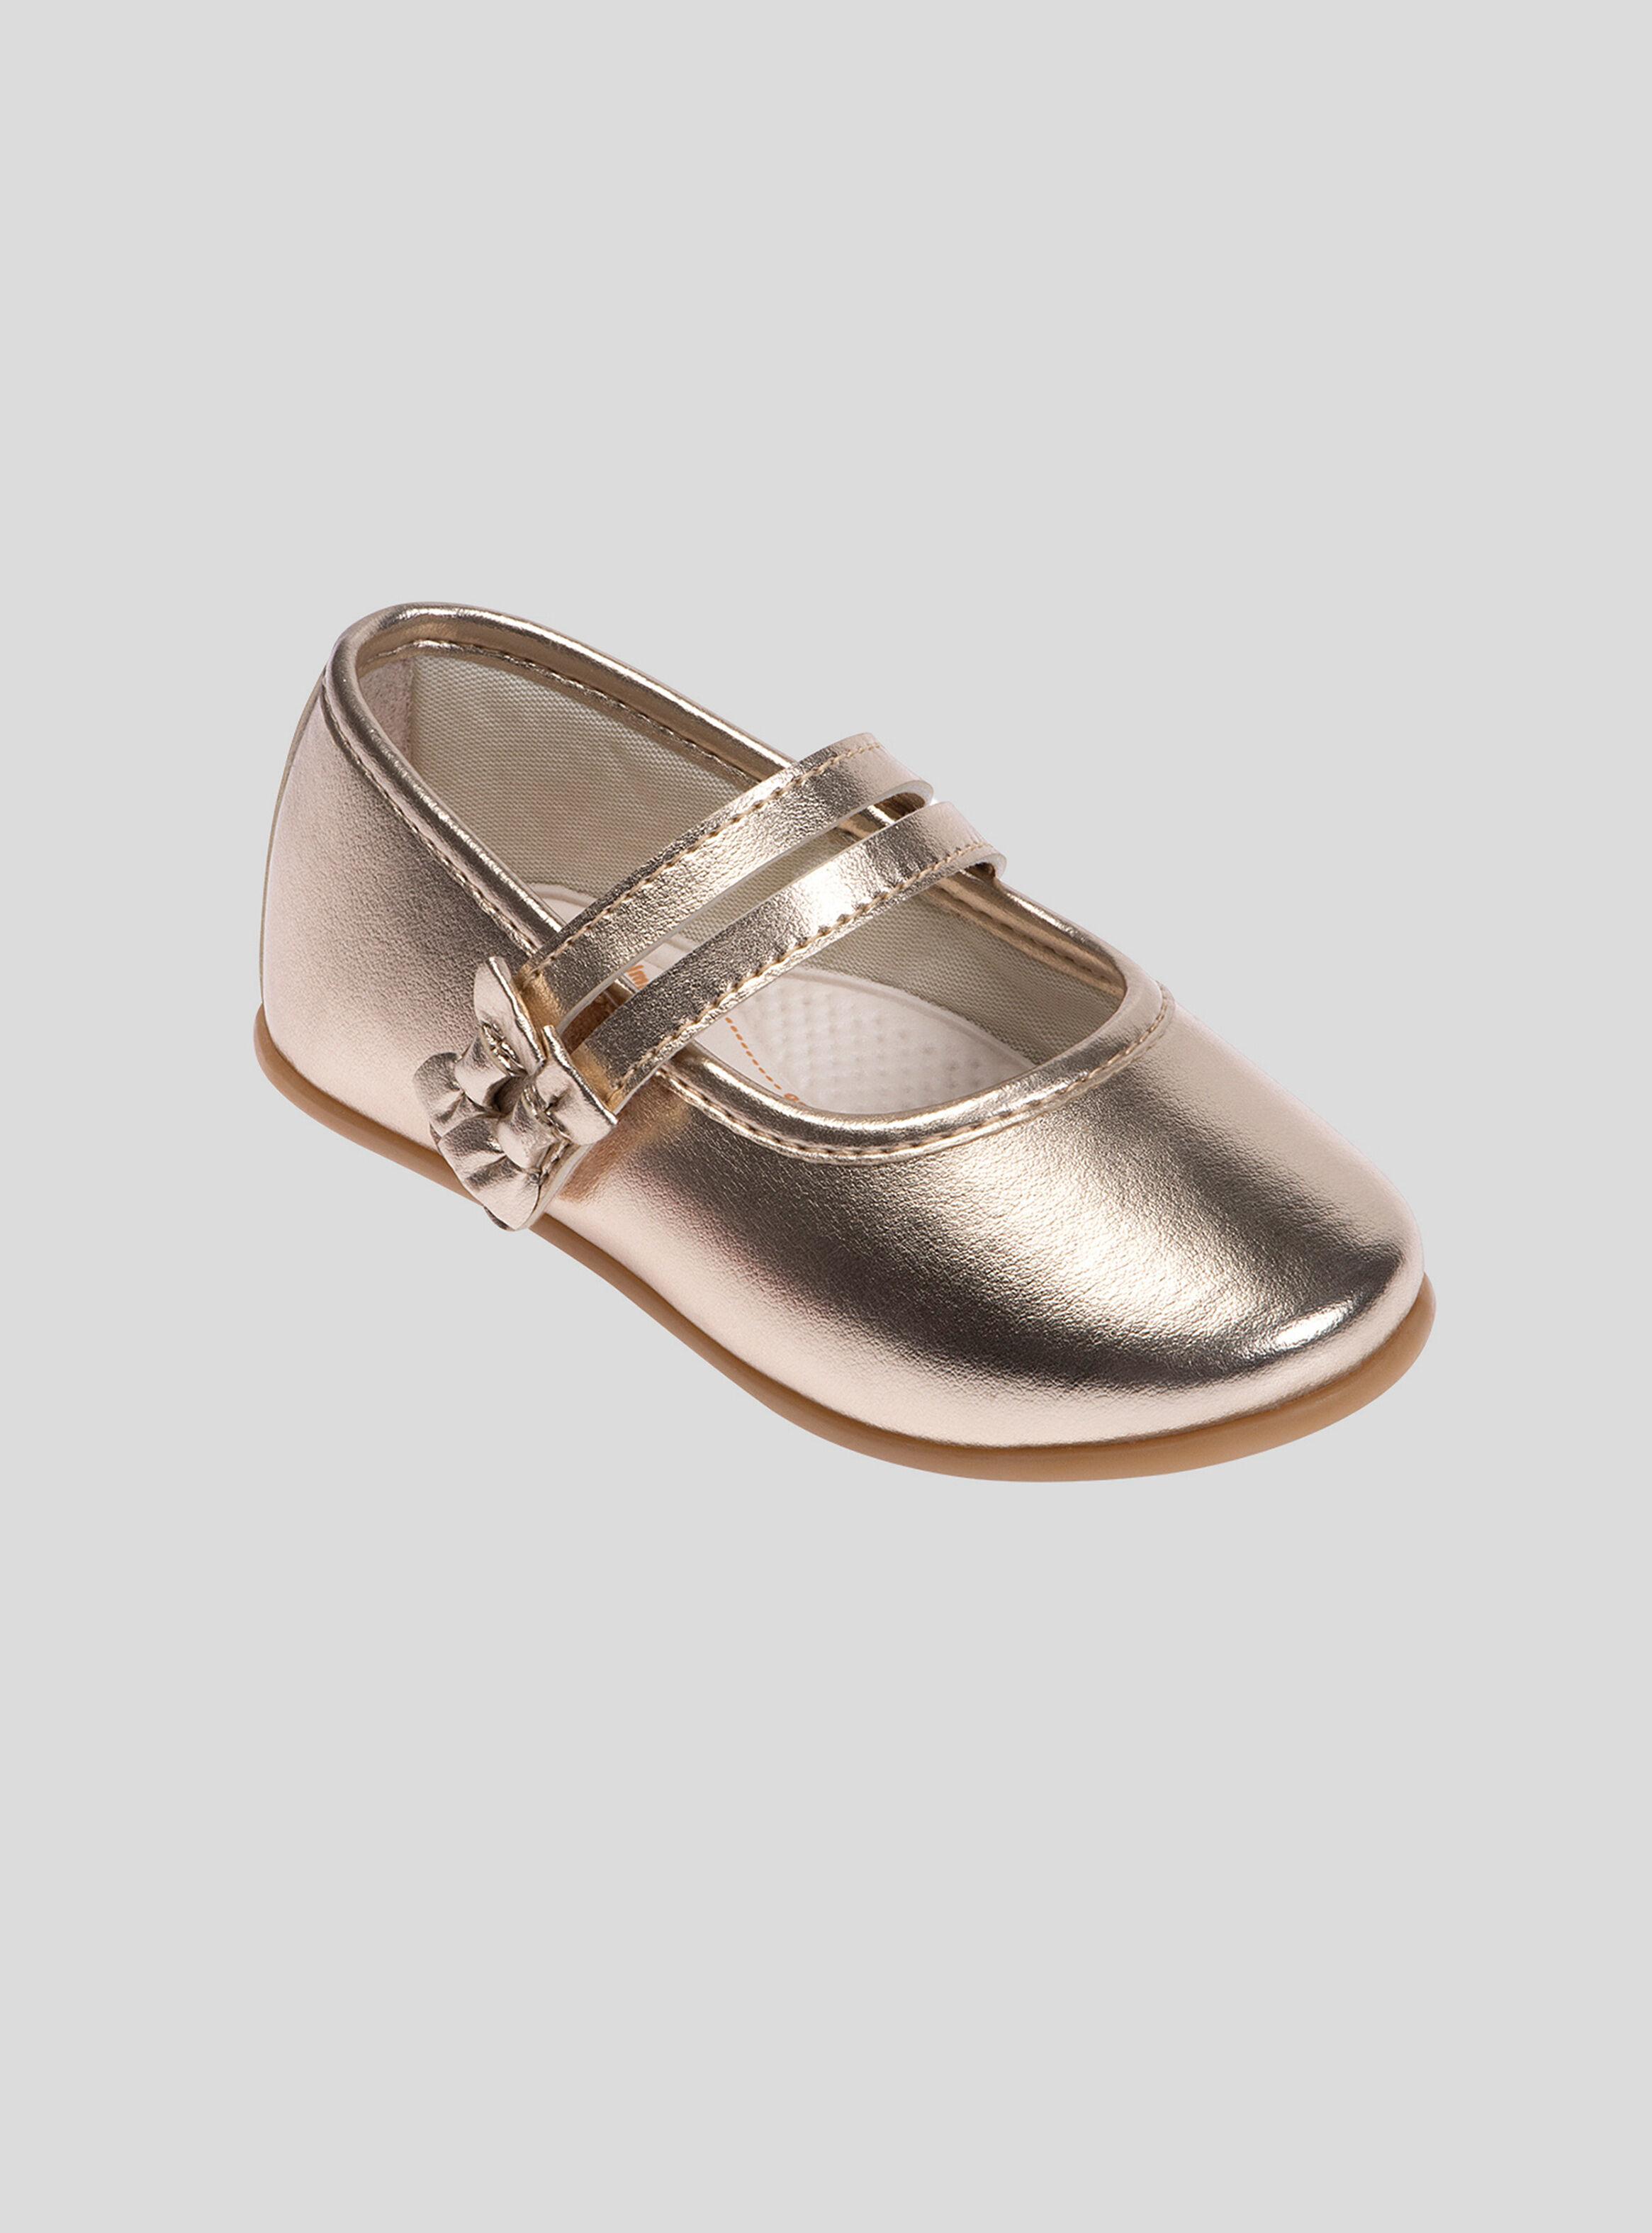 NiñasParis En Zapato Niña Pimpolho Zapatos Dorado 2IbeW9HYED